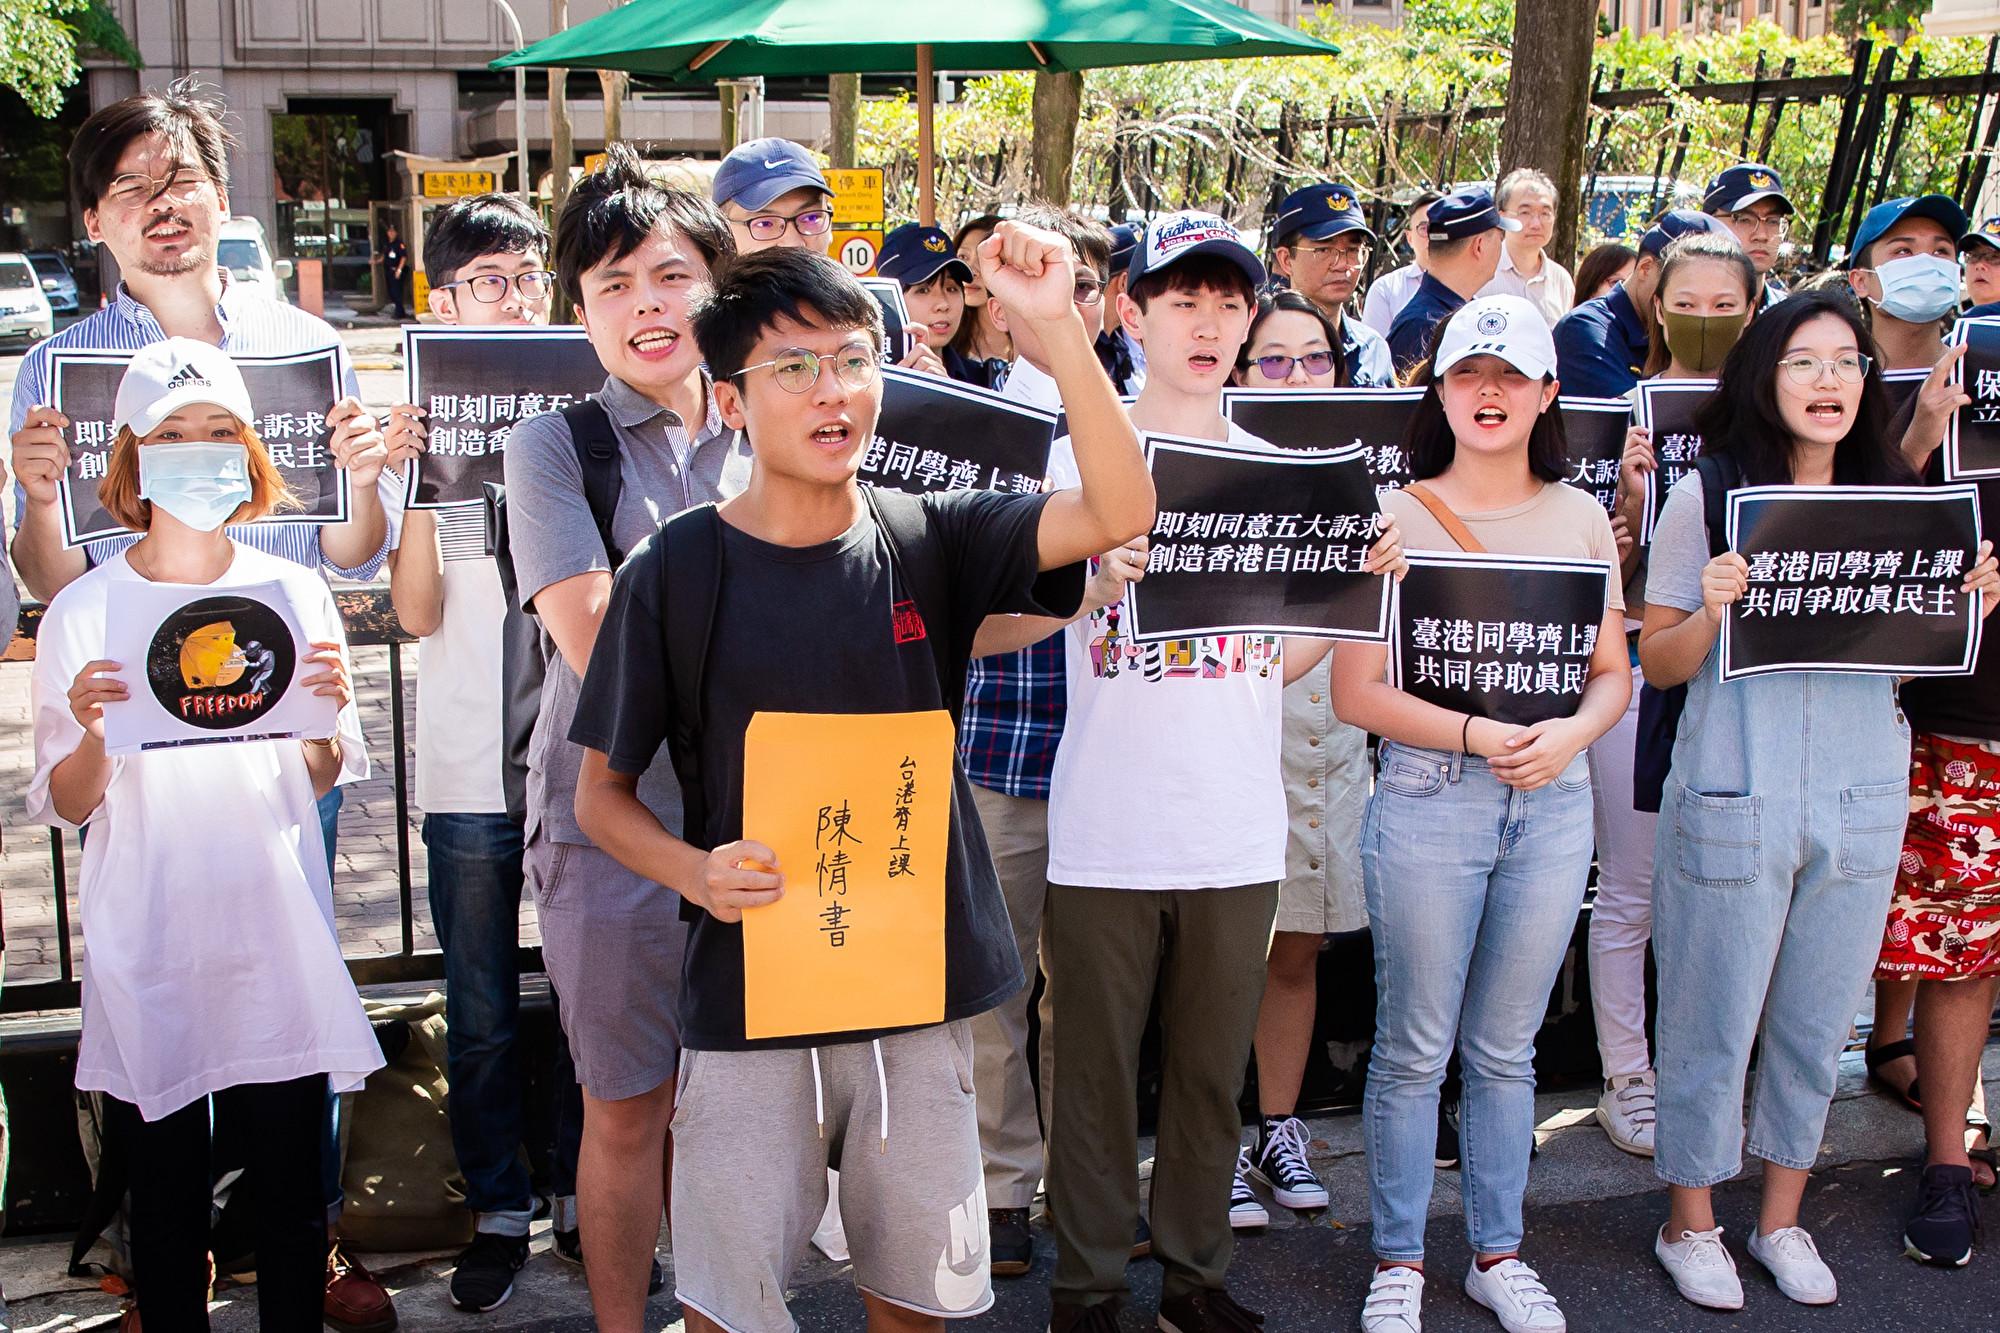 聲援東華被捕港生 台學團赴陸委會遞陳情書